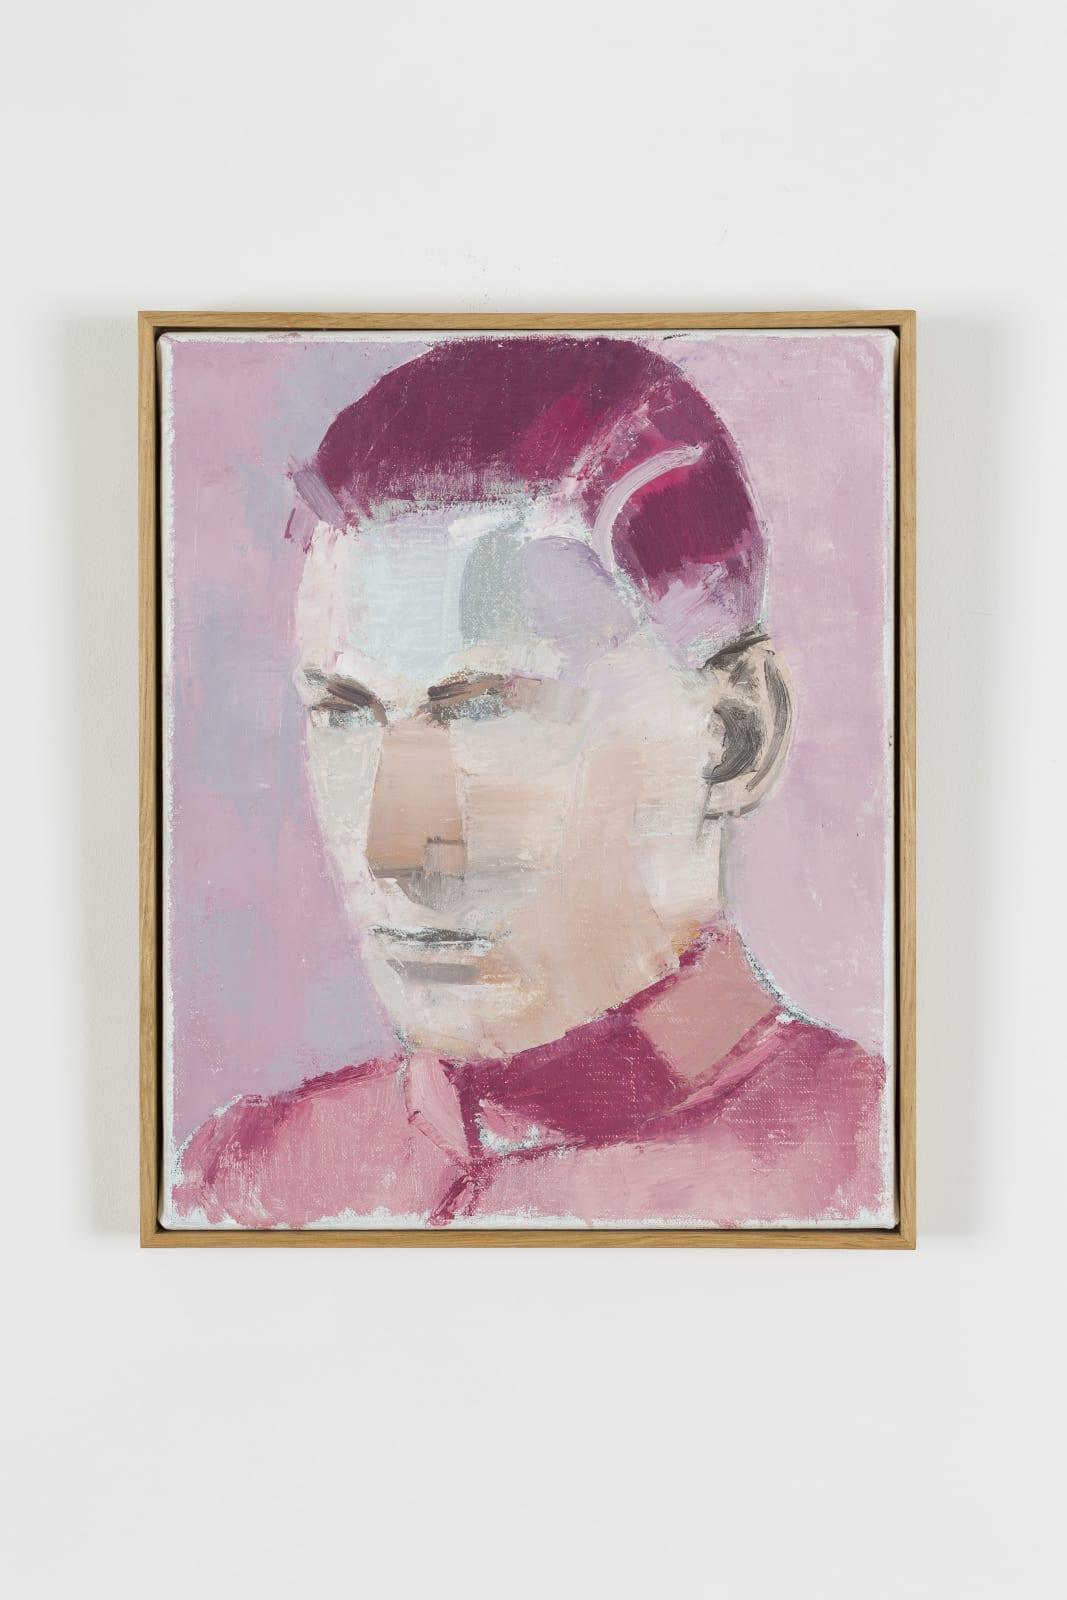 Alex van Warmerdam, Man met rechte neus, 2018